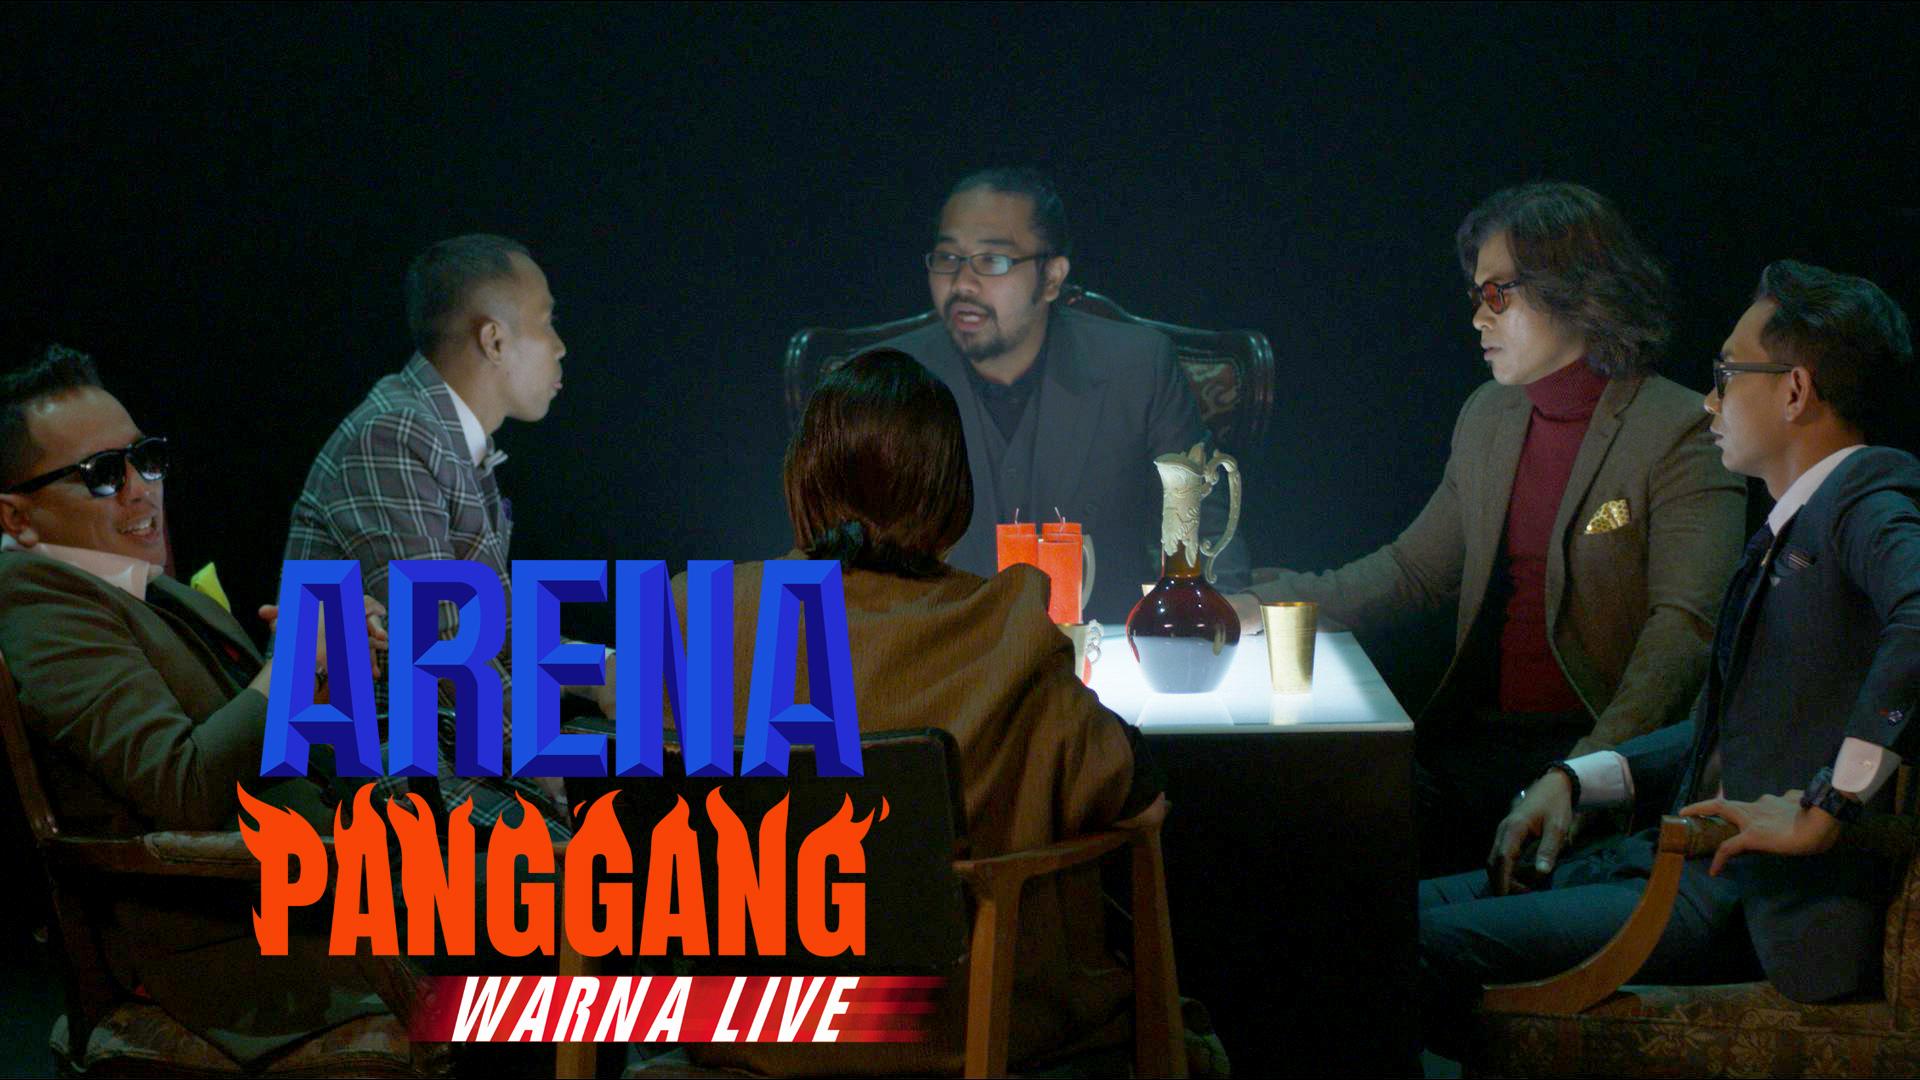 ARENA PANGGANG LIVE